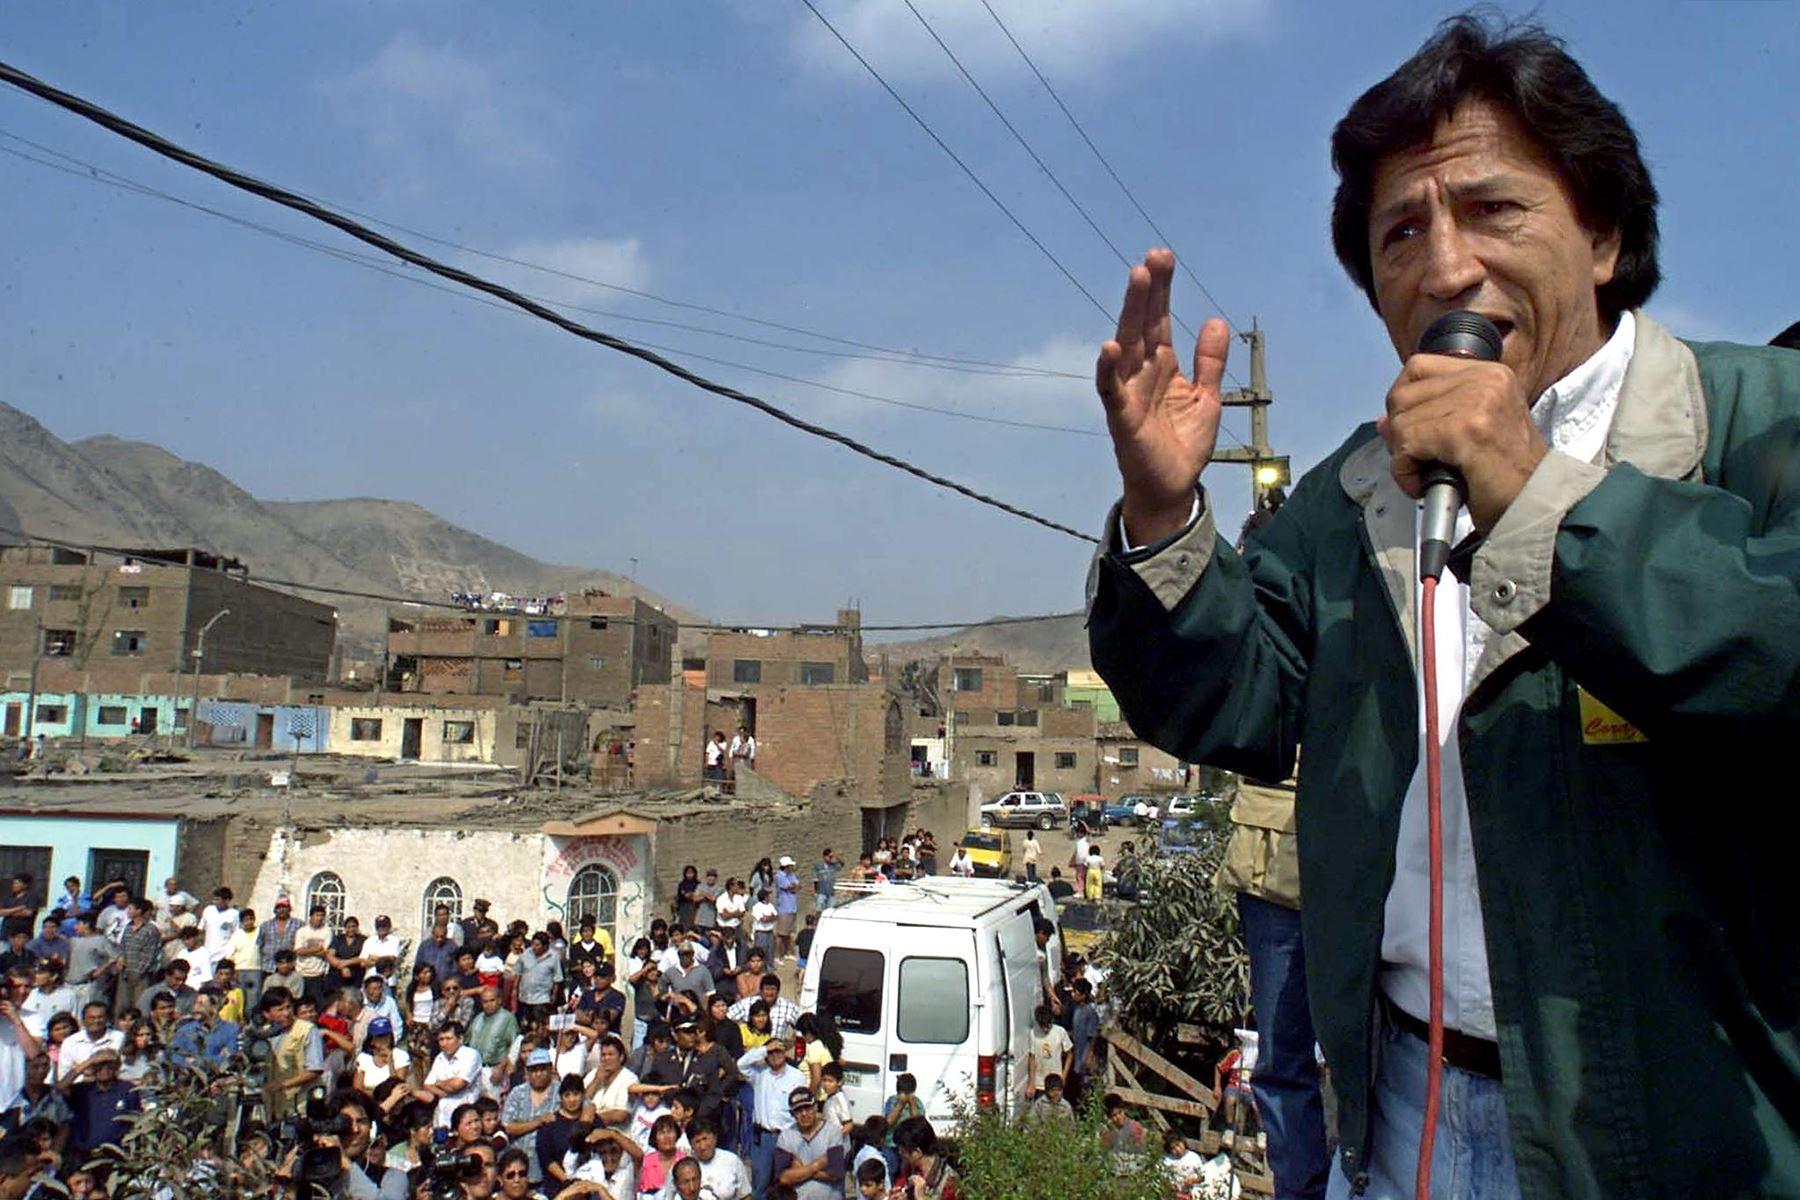 El candidato presidencial peruano de la oposición, Alejandro Toledo, habla a los simpatizantes el 28 de mayo de 2000, en Lima. Toledo pidió a los ciudadanos que se abstengan de votar en la segunda vuelta de las elecciones presidenciales.  Foto: AFP